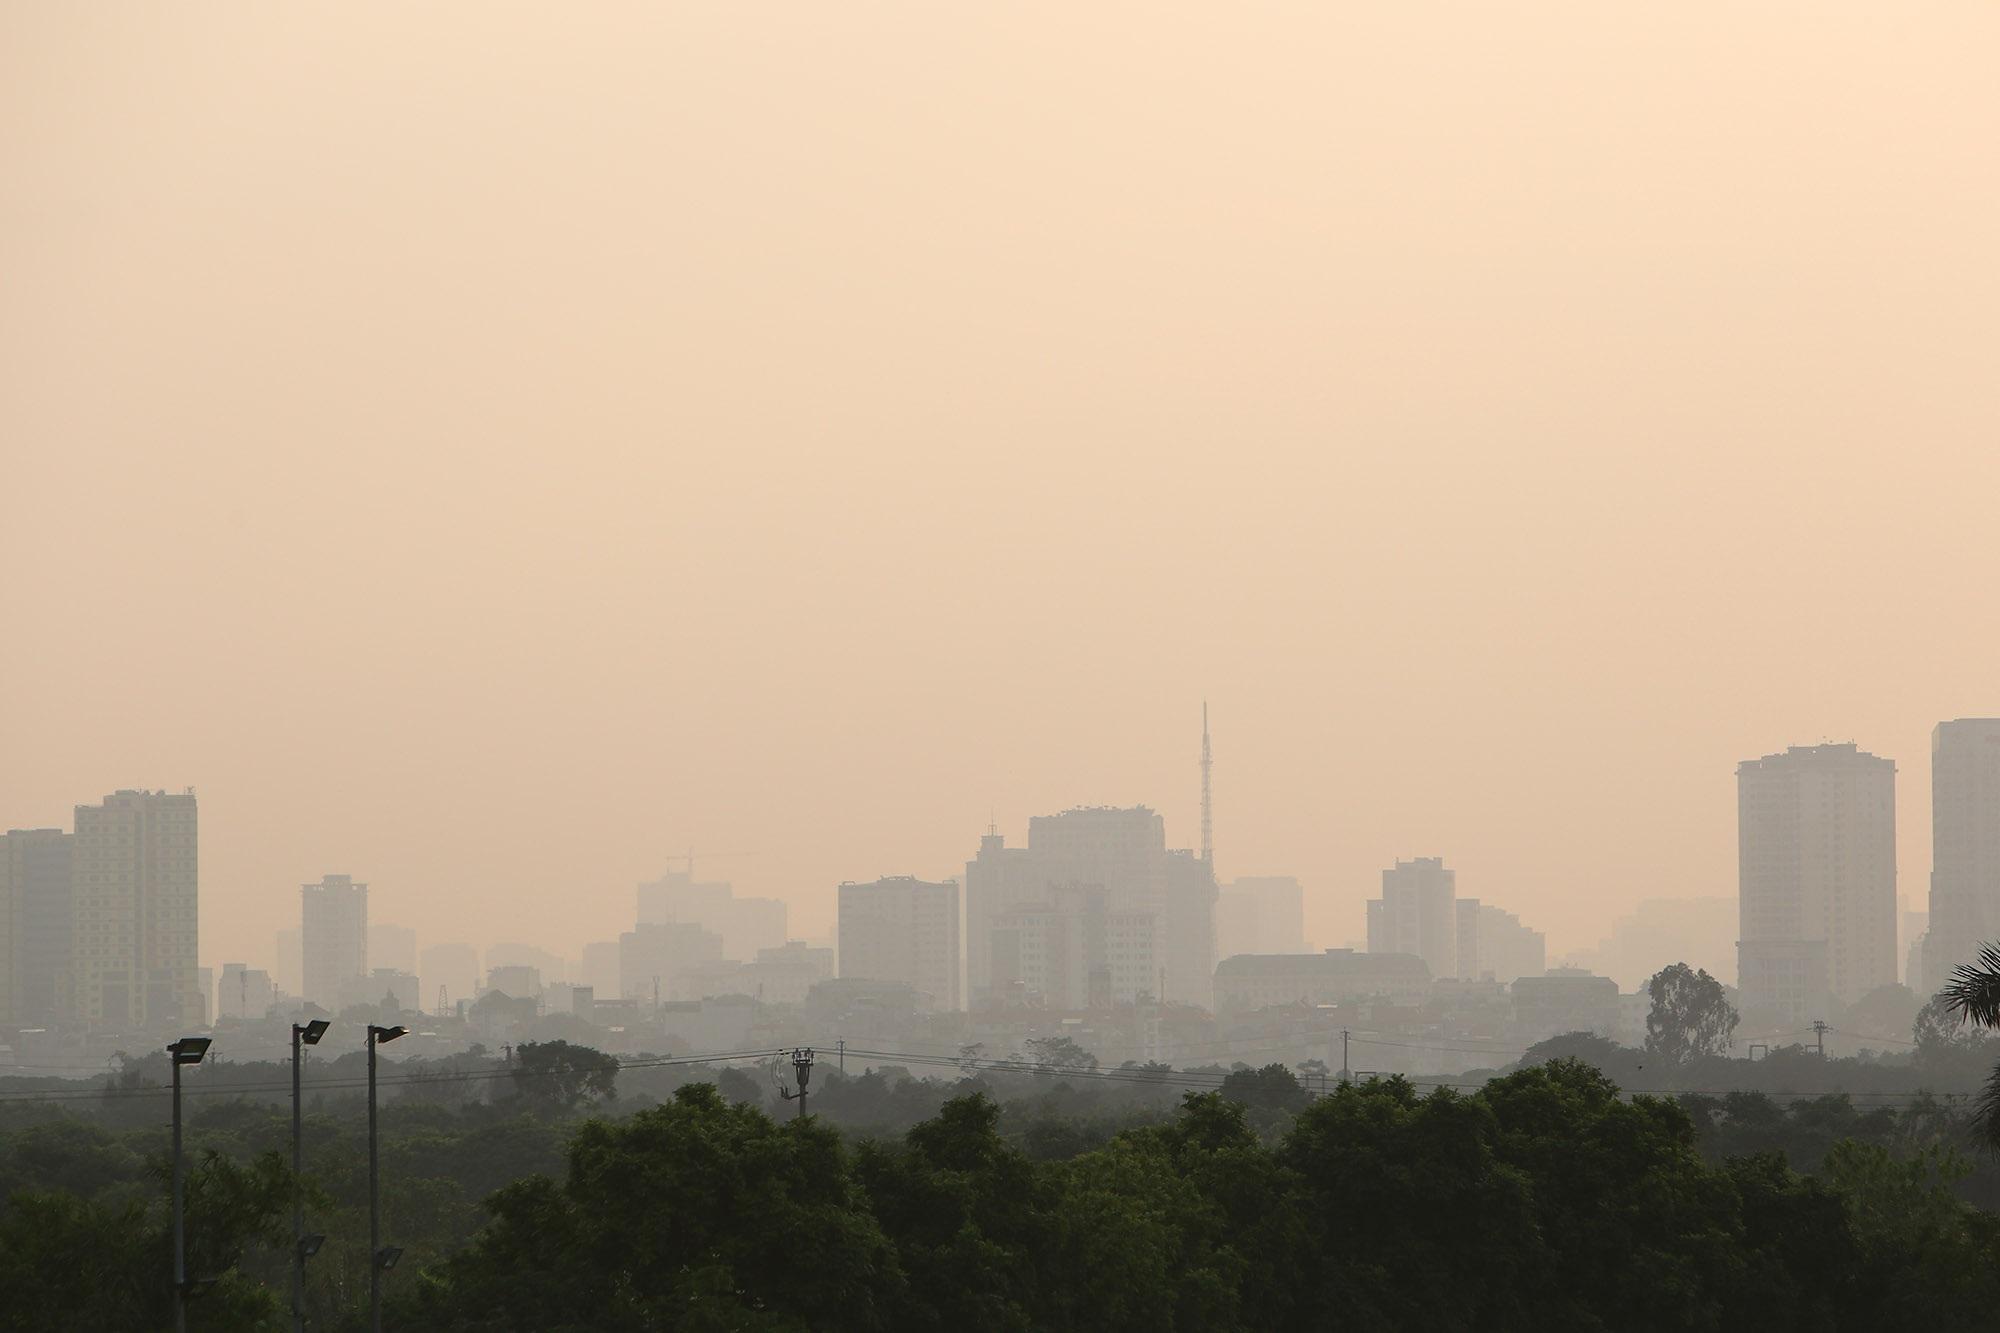 Ảnh Hà Nội trong báo động đỏ về ô nhiễm không khí - 2